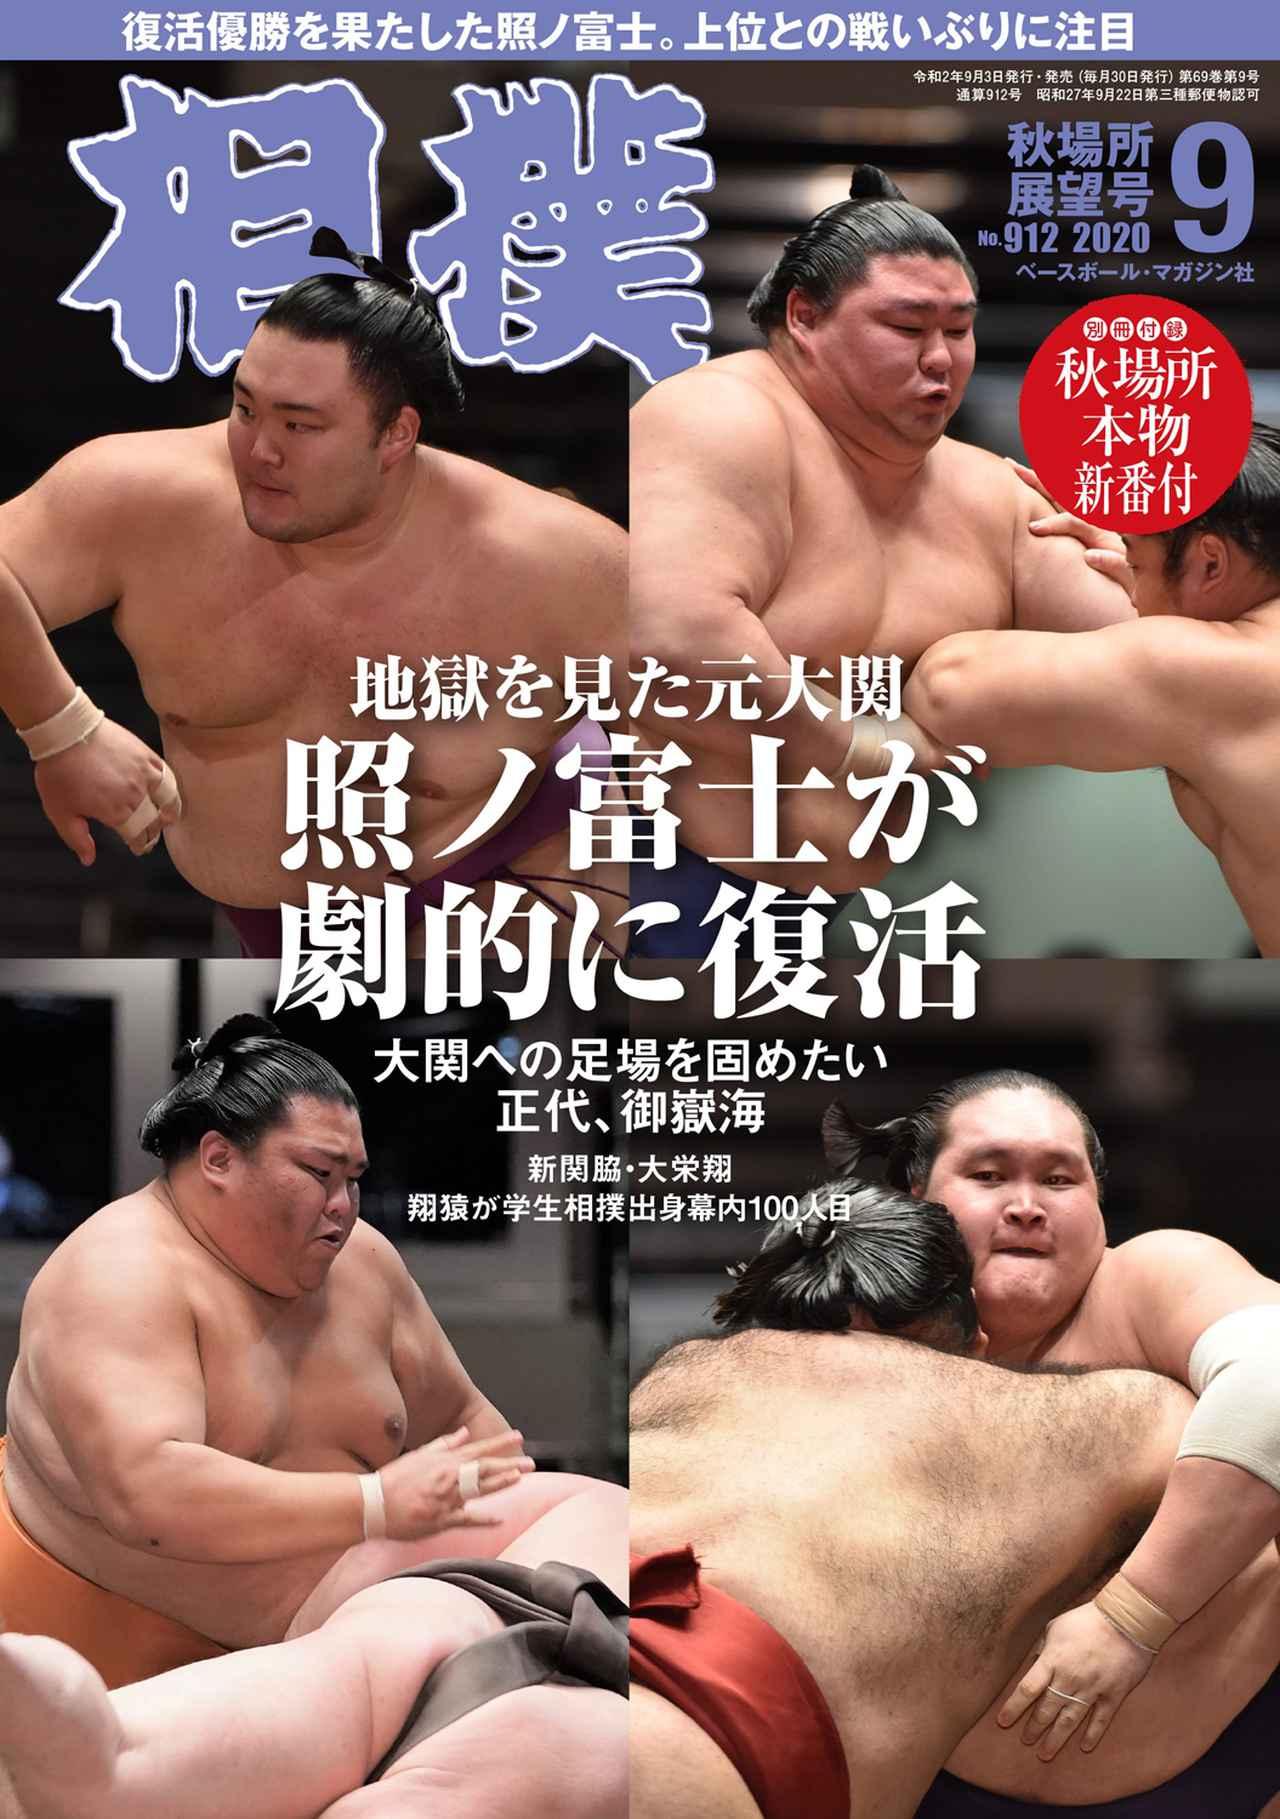 の 結果 今日 の 幕内 相撲